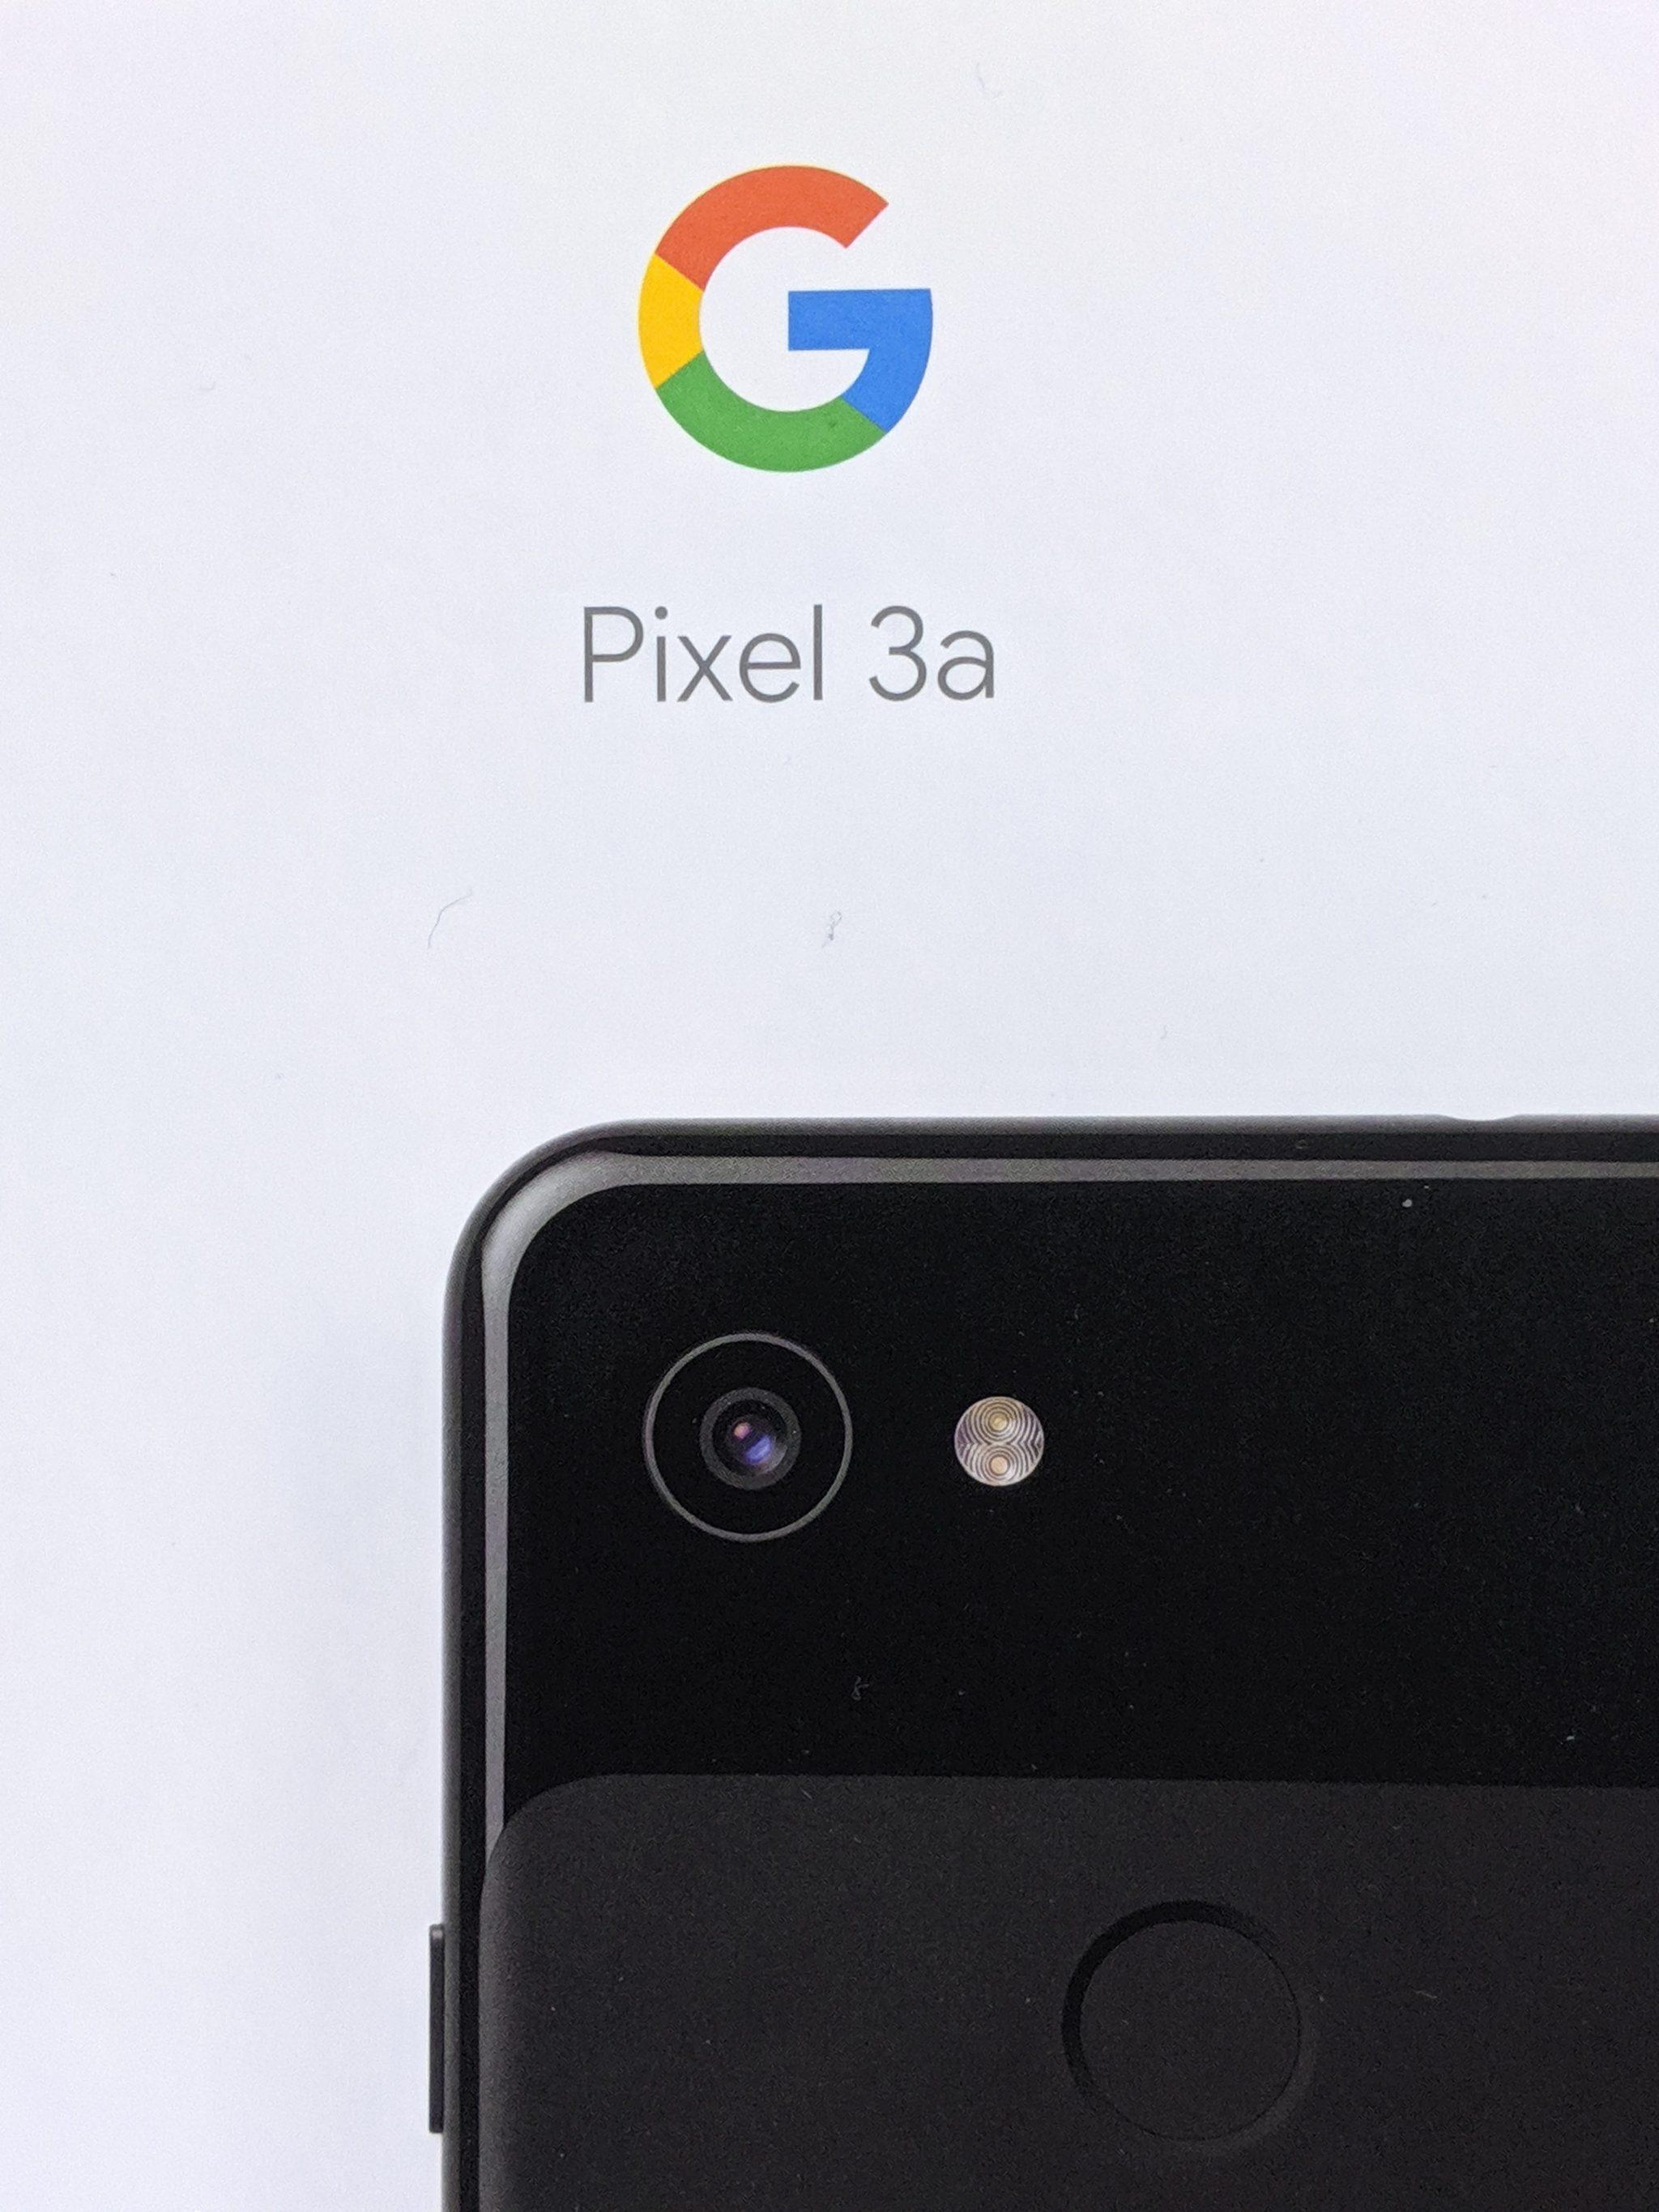 初期設定 Pixel 3aではじめにやっておきたい事 やるログ